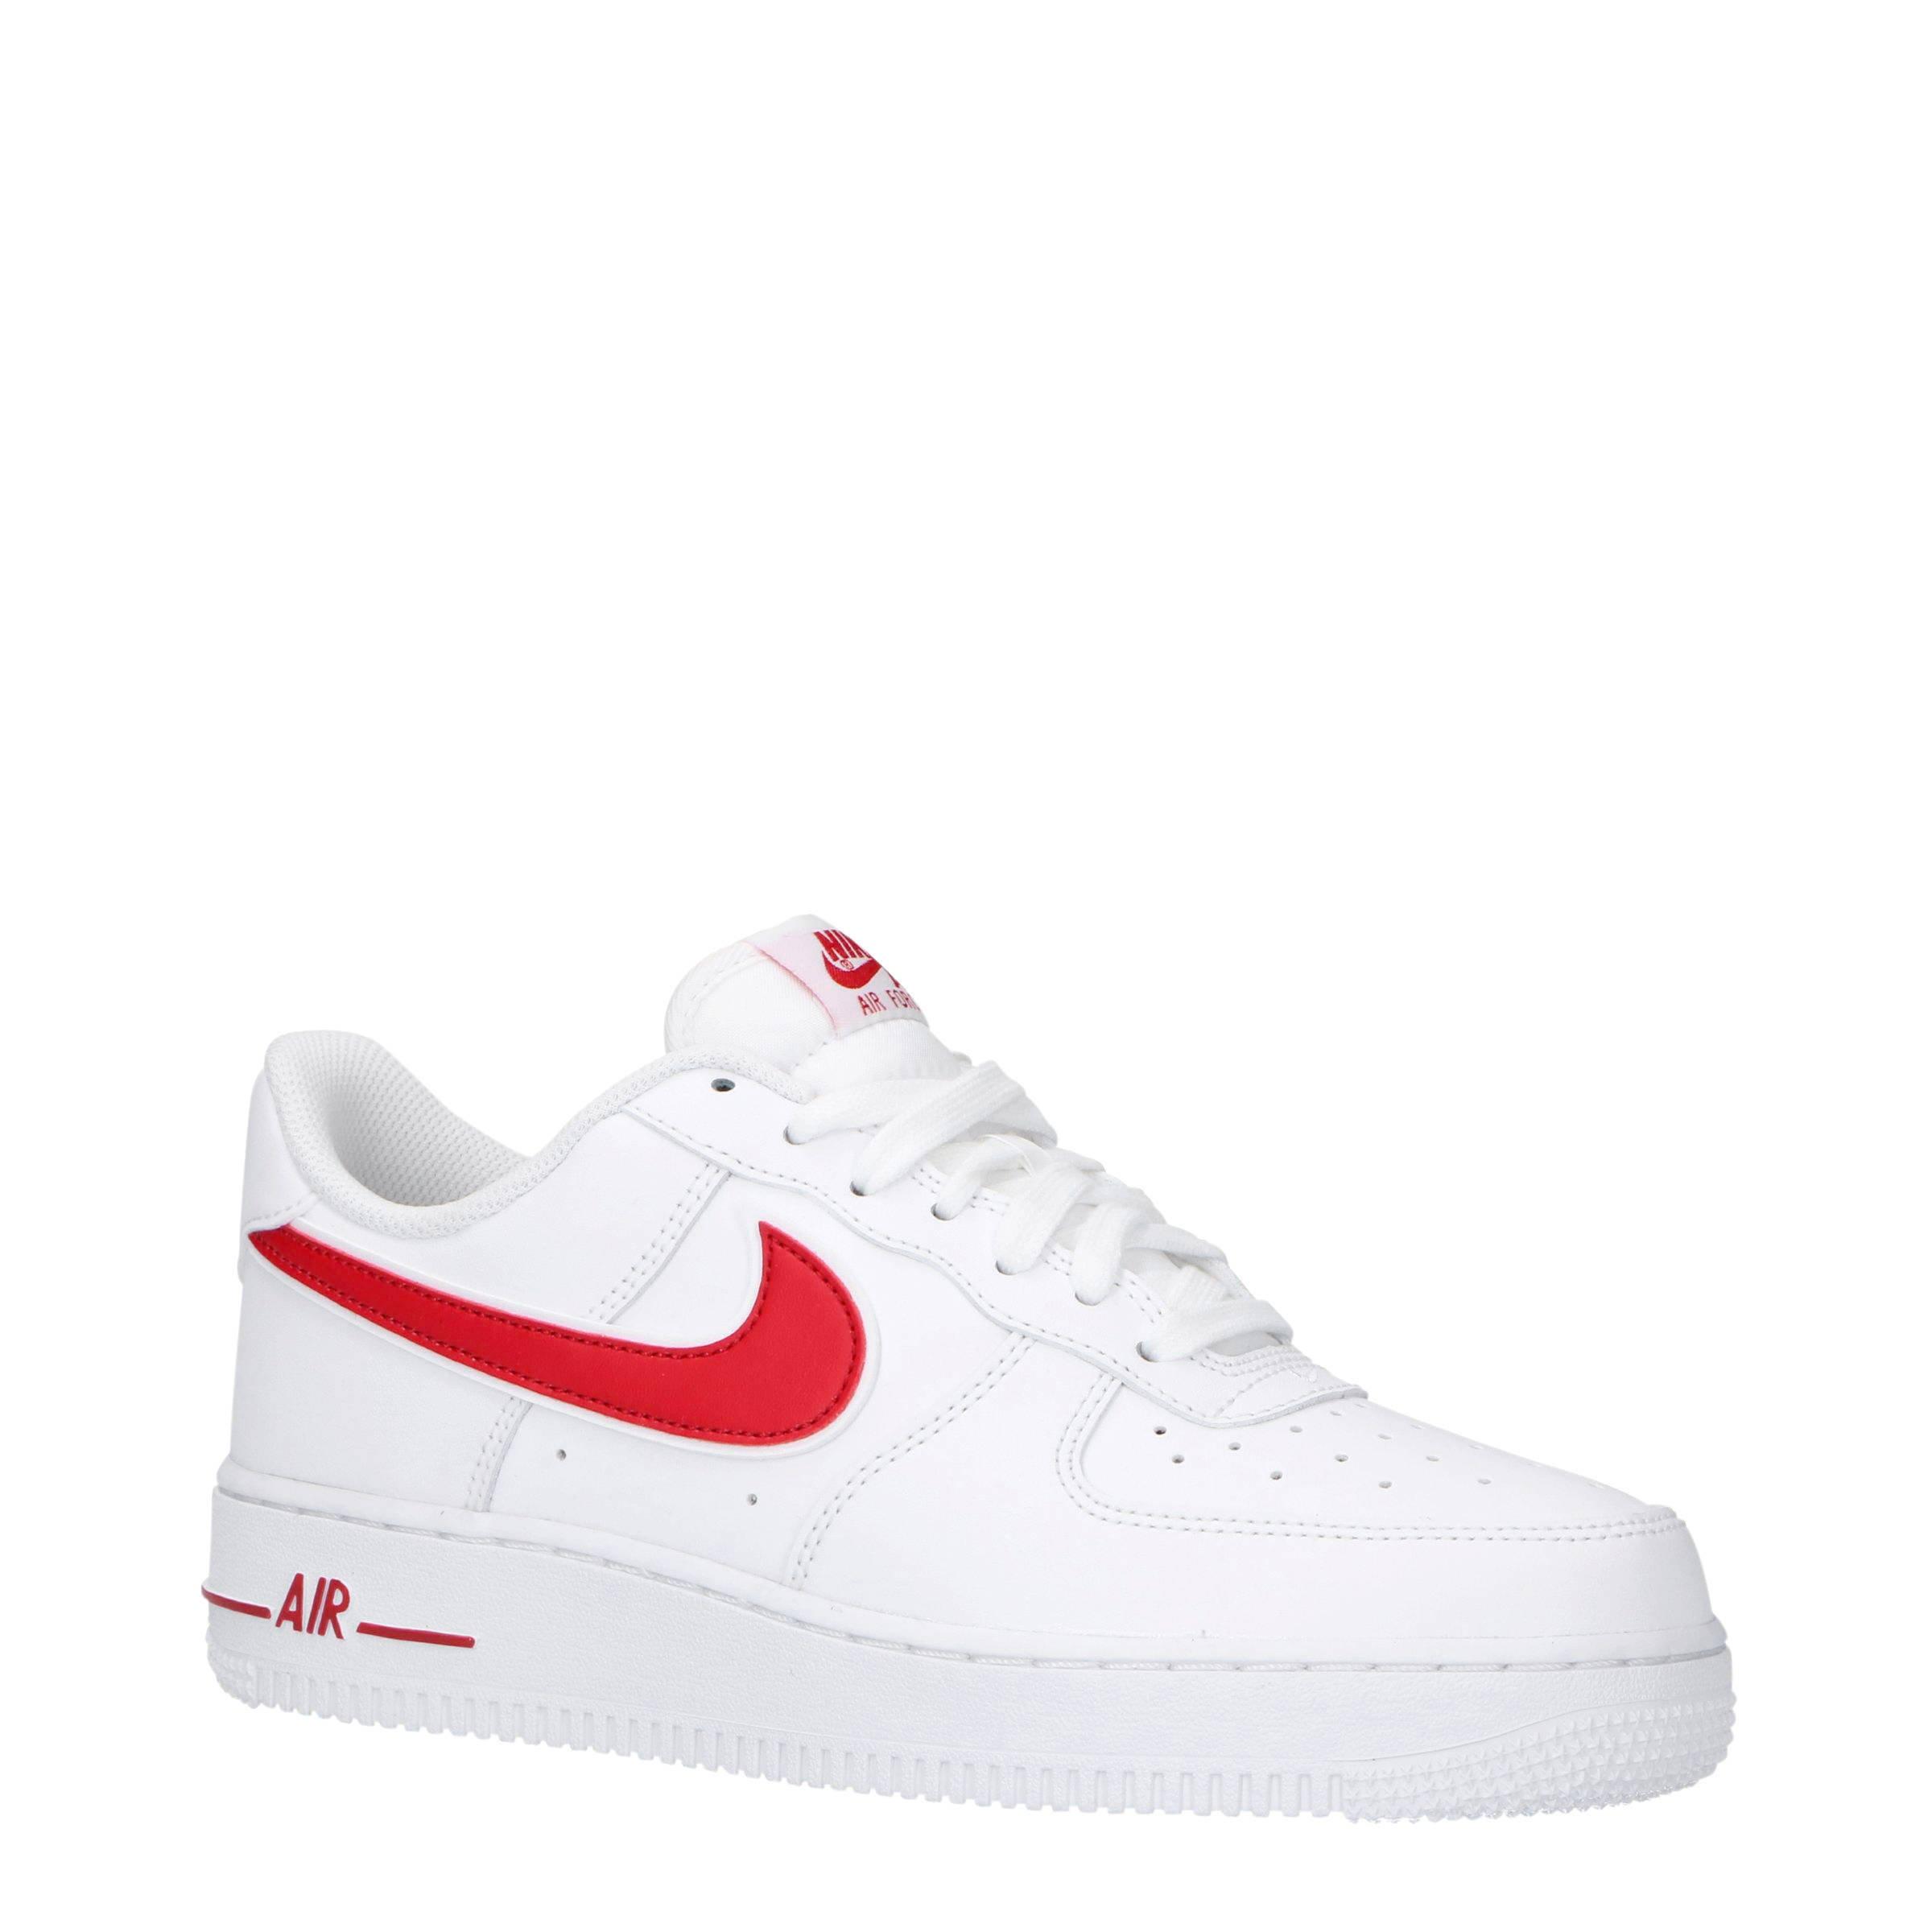 Nike Air Force 1 '07 3 sneakers leer wit/rood | wehkamp